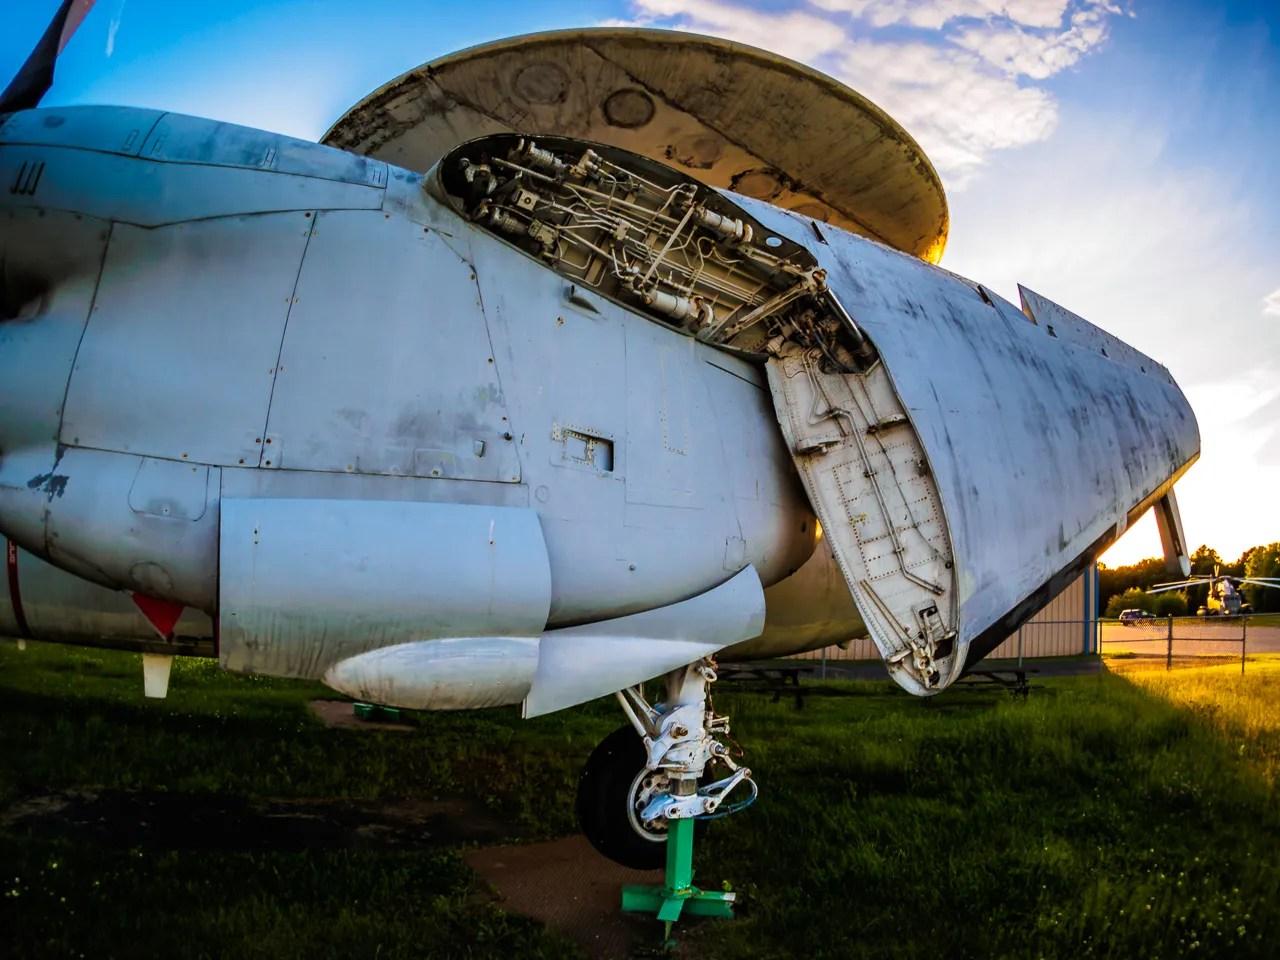 aircraft-5310840